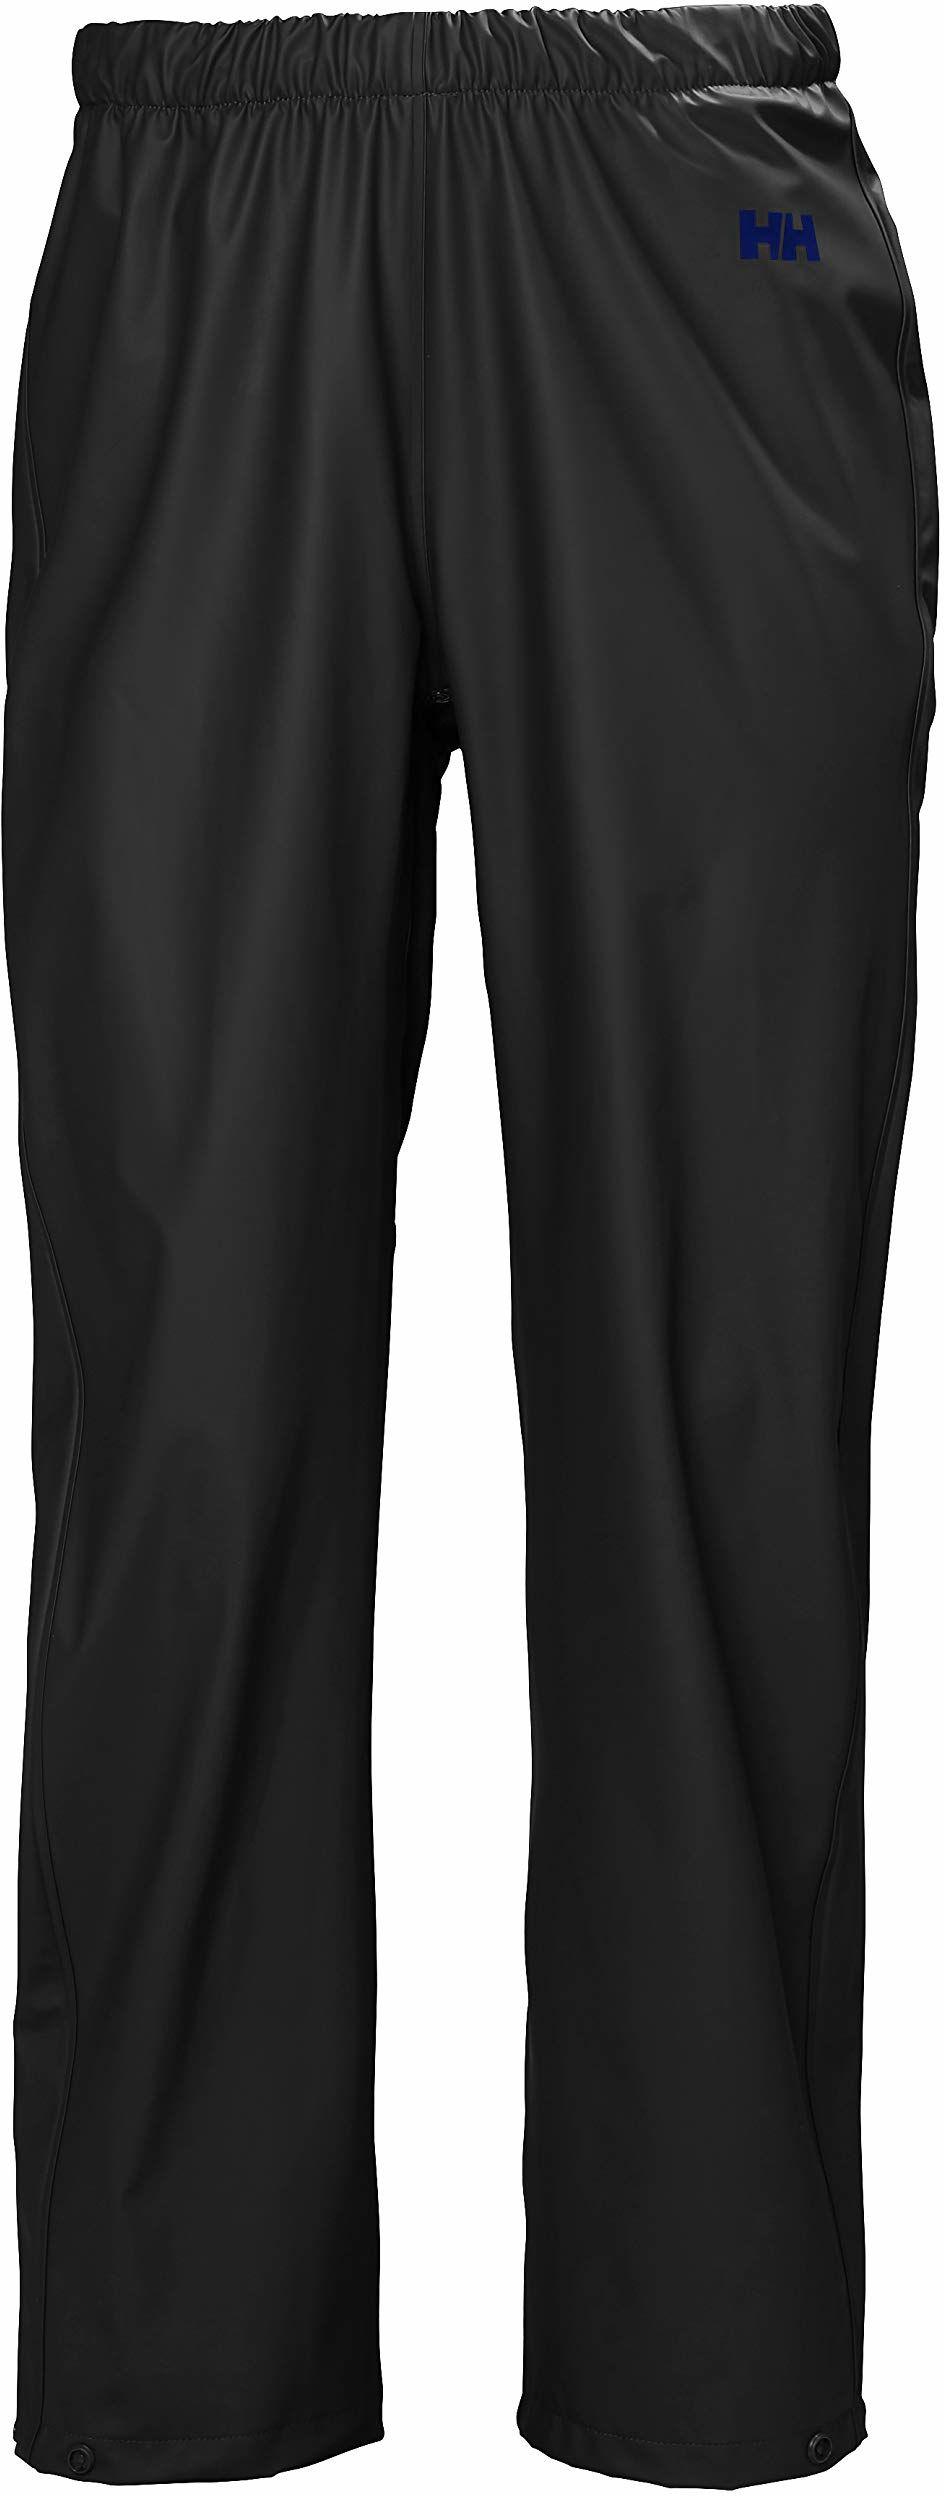 Helly Hansen damskie spodnie przeciwdeszczowe mech wiatroszczelne wodoodporne spodnie Czarny M